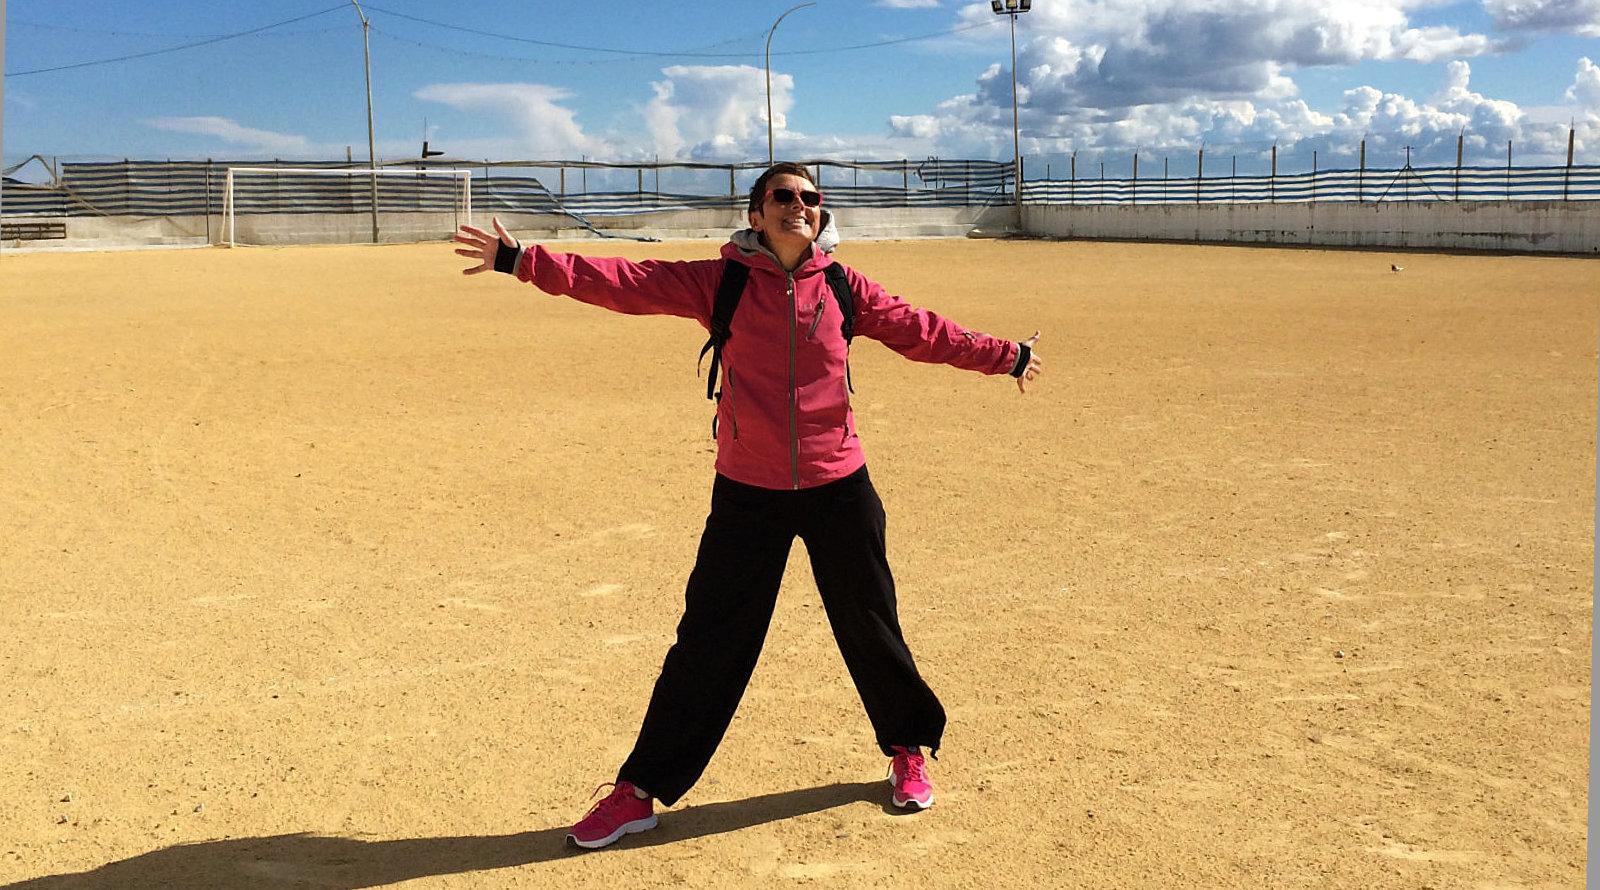 Amelie felice in un campo di calcio sul mare